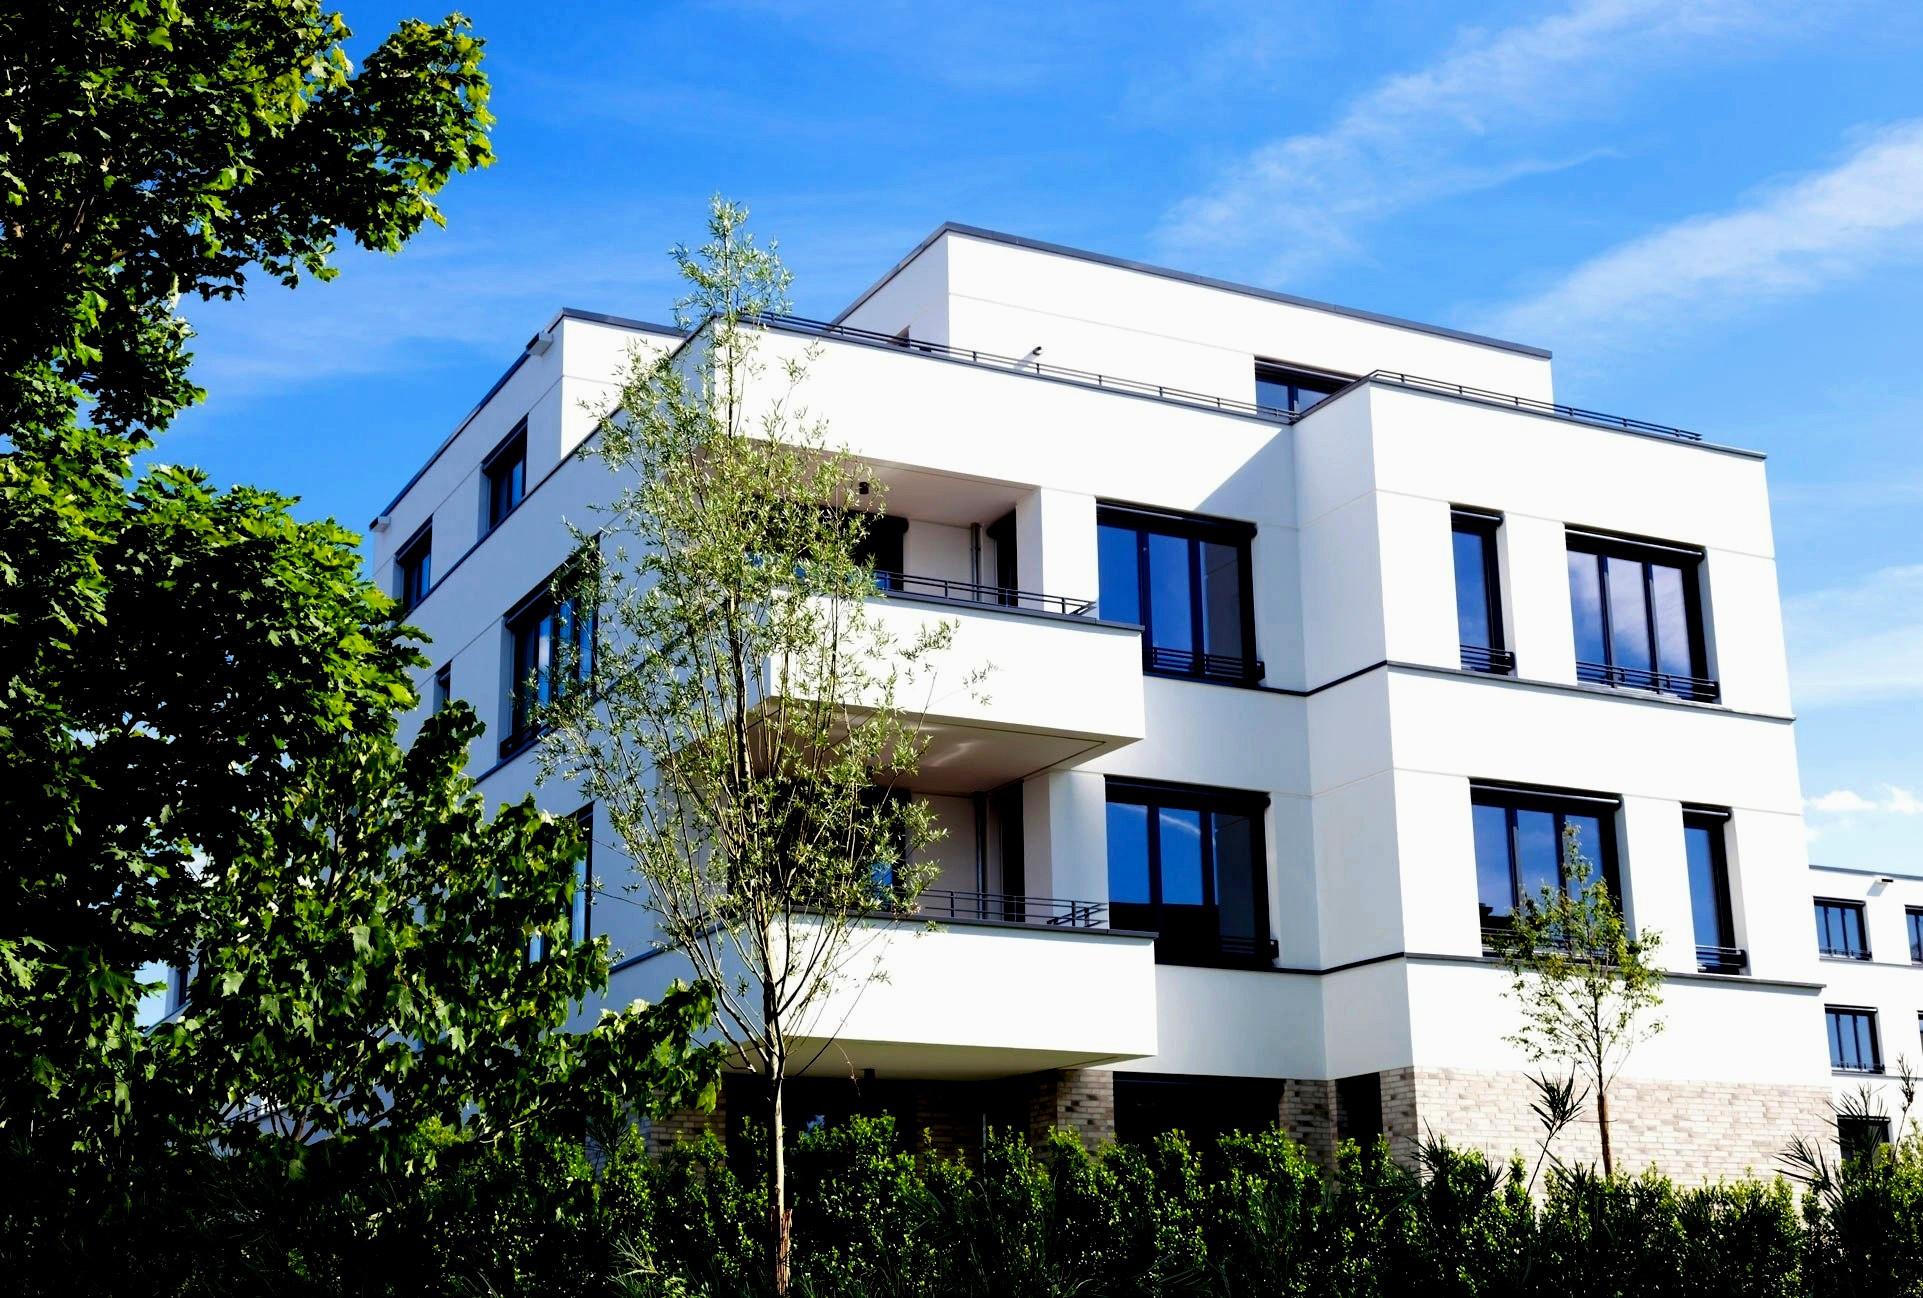 Mietwohnungen Oldenburg Privat